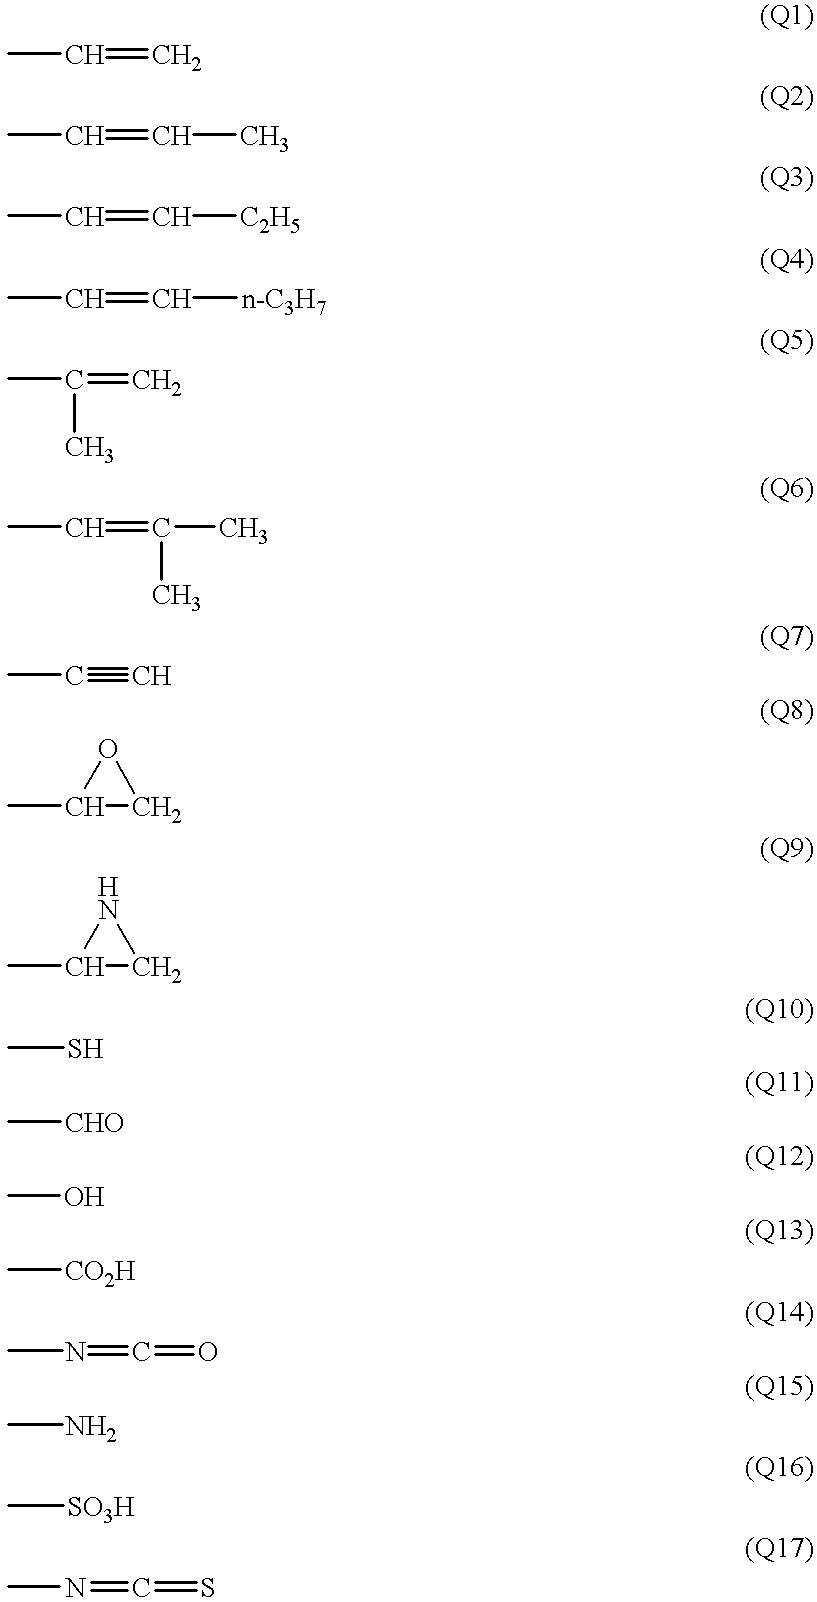 Figure US06400433-20020604-C00005